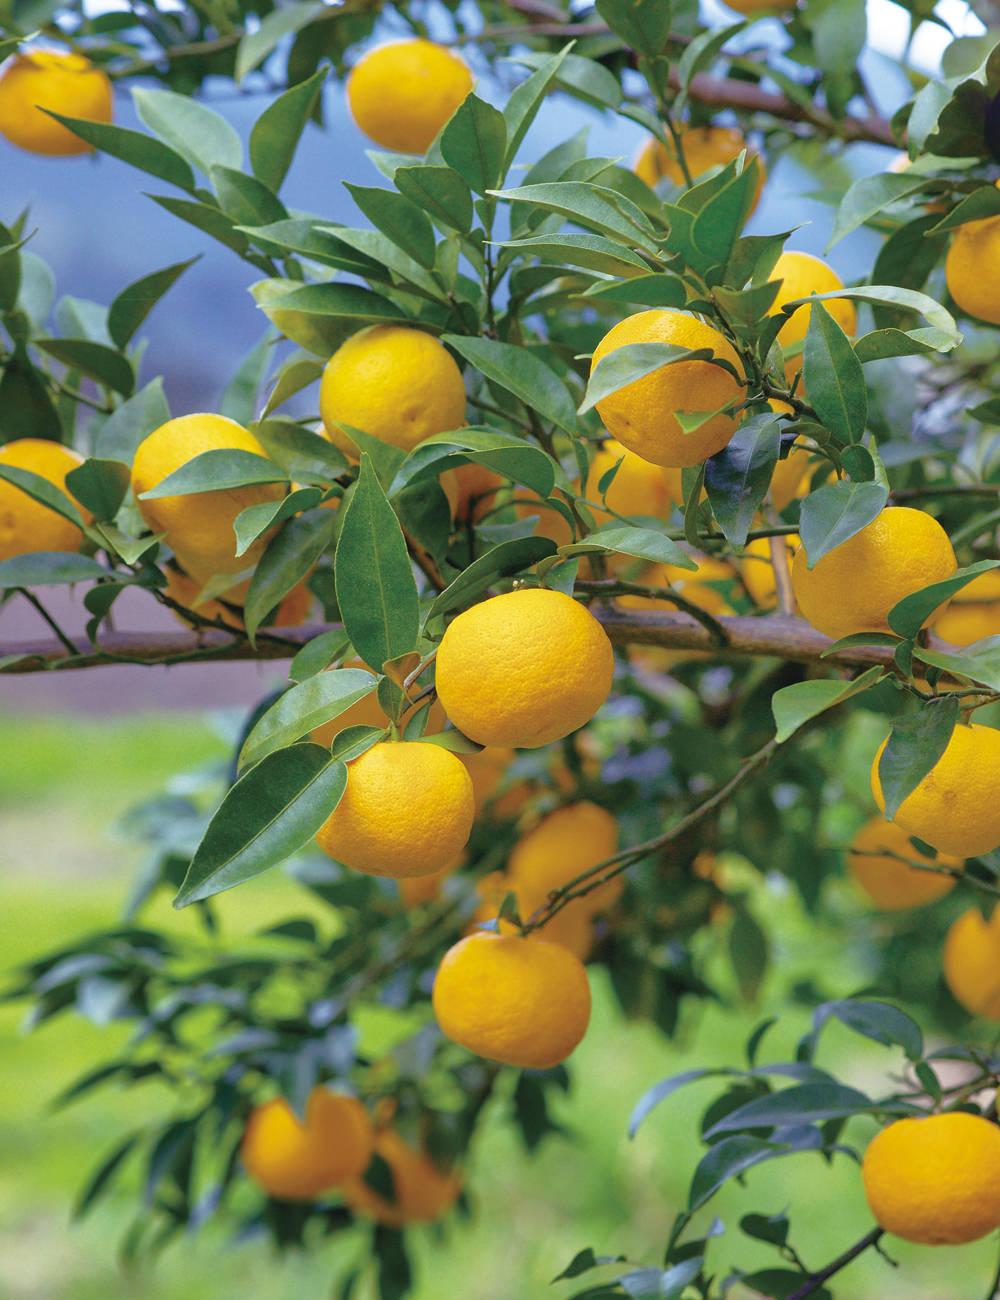 ハナユズ Citrus hanayu 本柚子より短期間で実りが得られます。果実は比較的小さいものの、香りがよく丸ごとか1/2に切って甘露煮などで楽しめます。